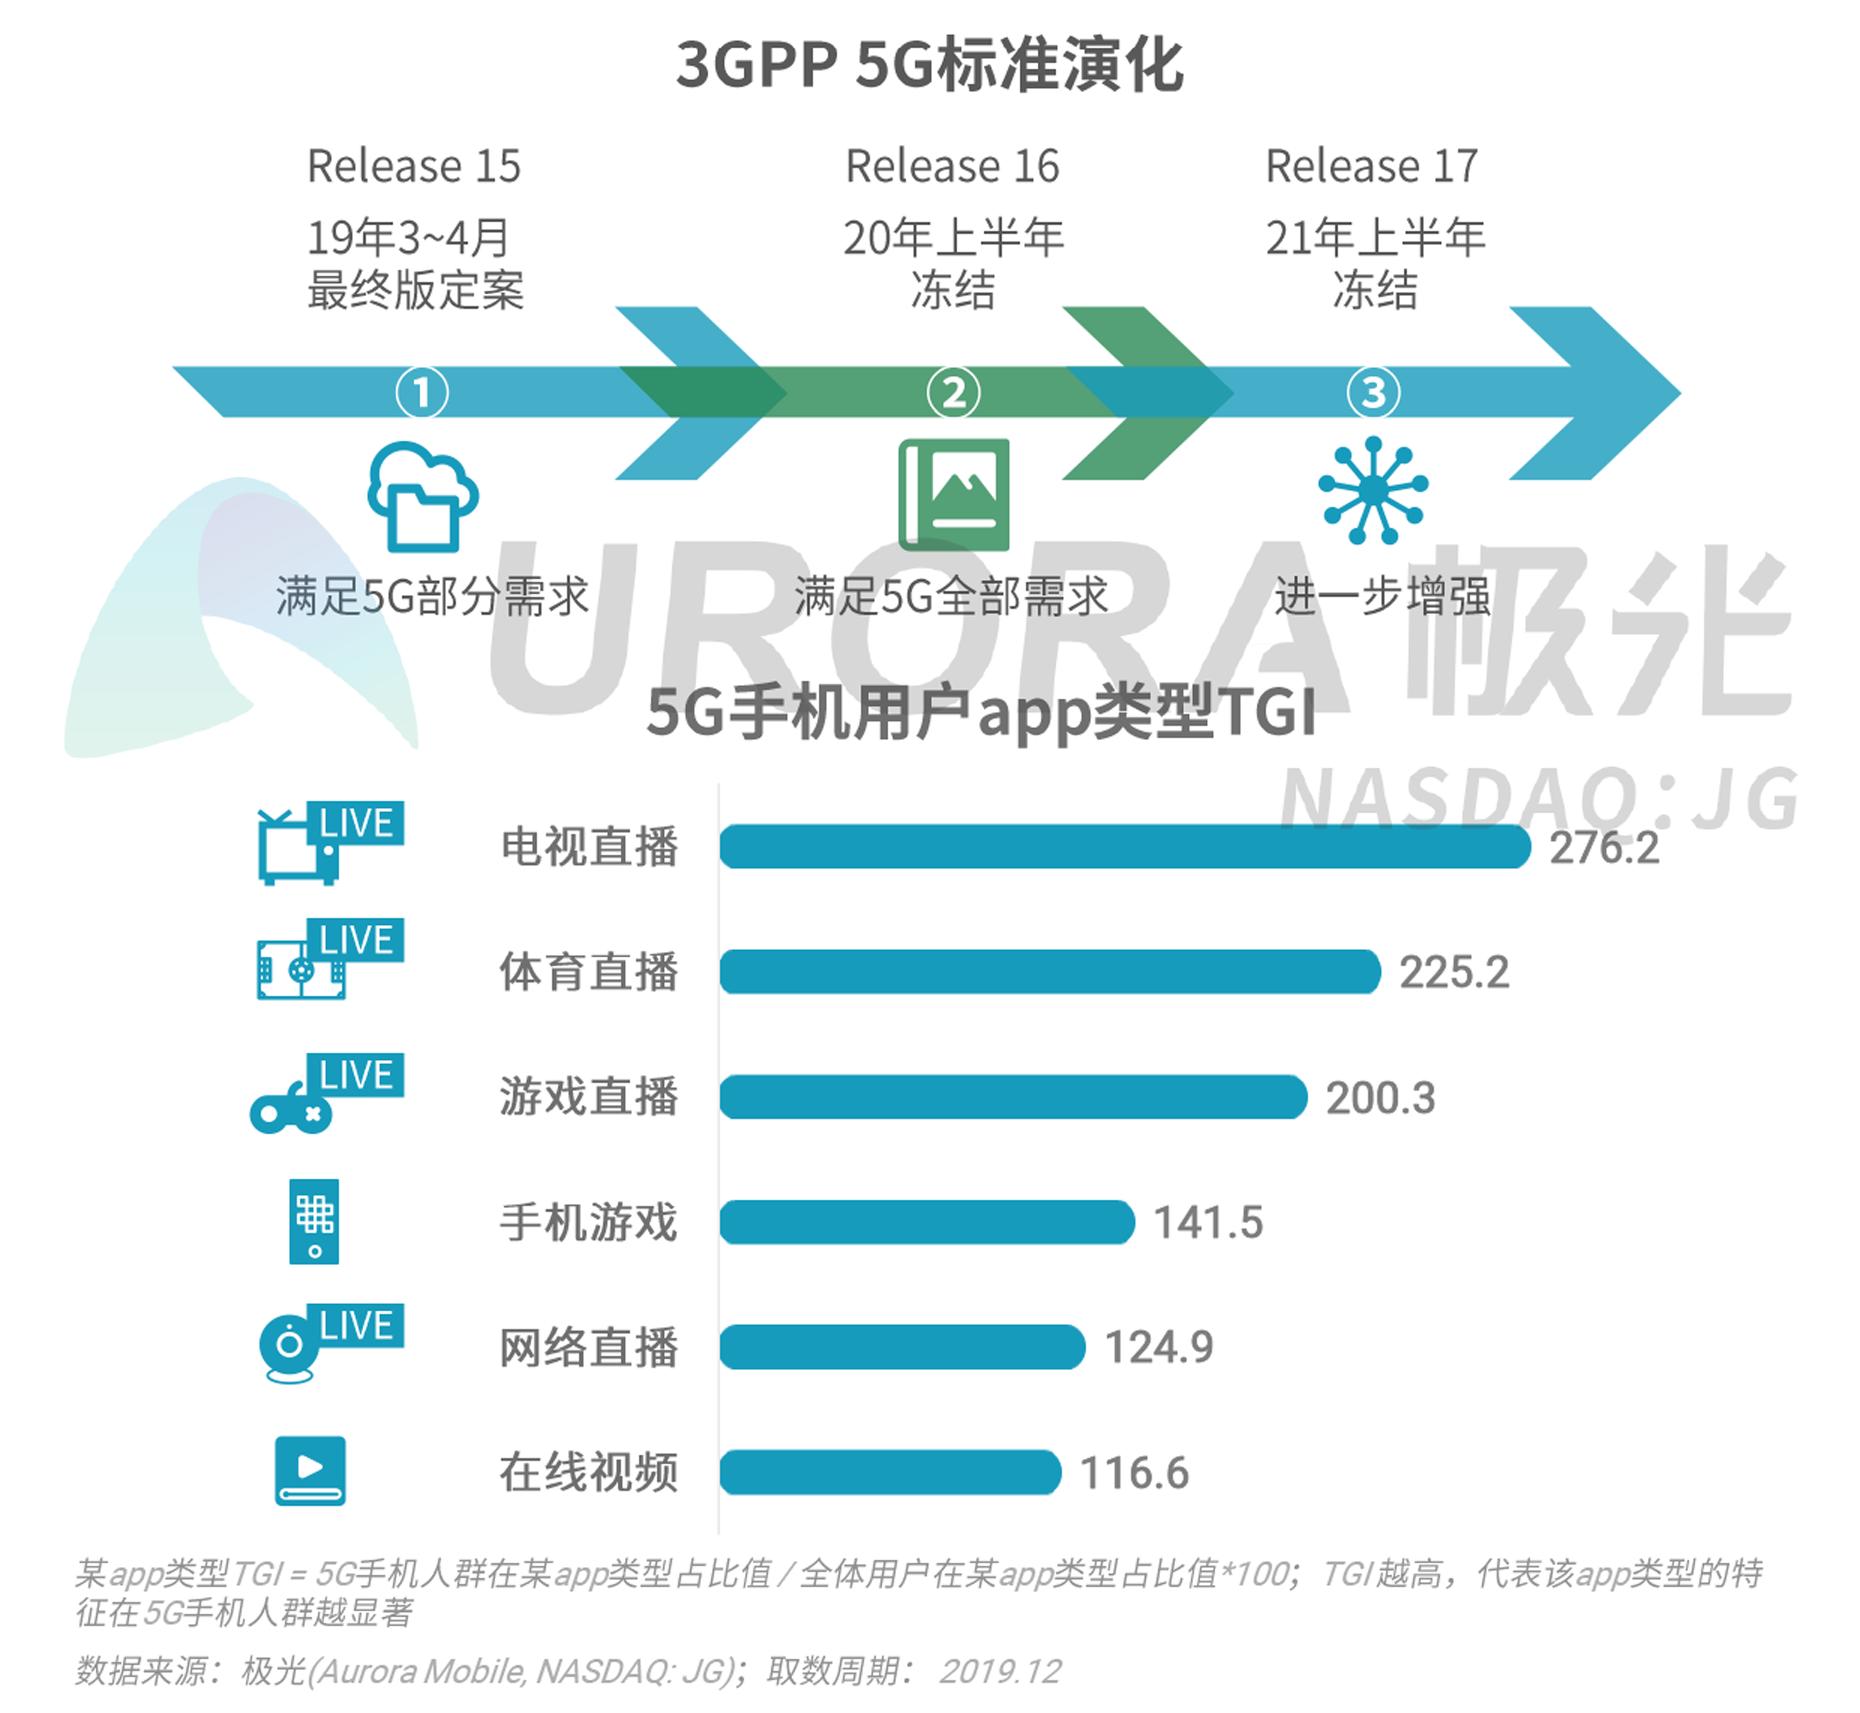 2019年Q4智能手机行业研究报告-V4---加粗版-12.png